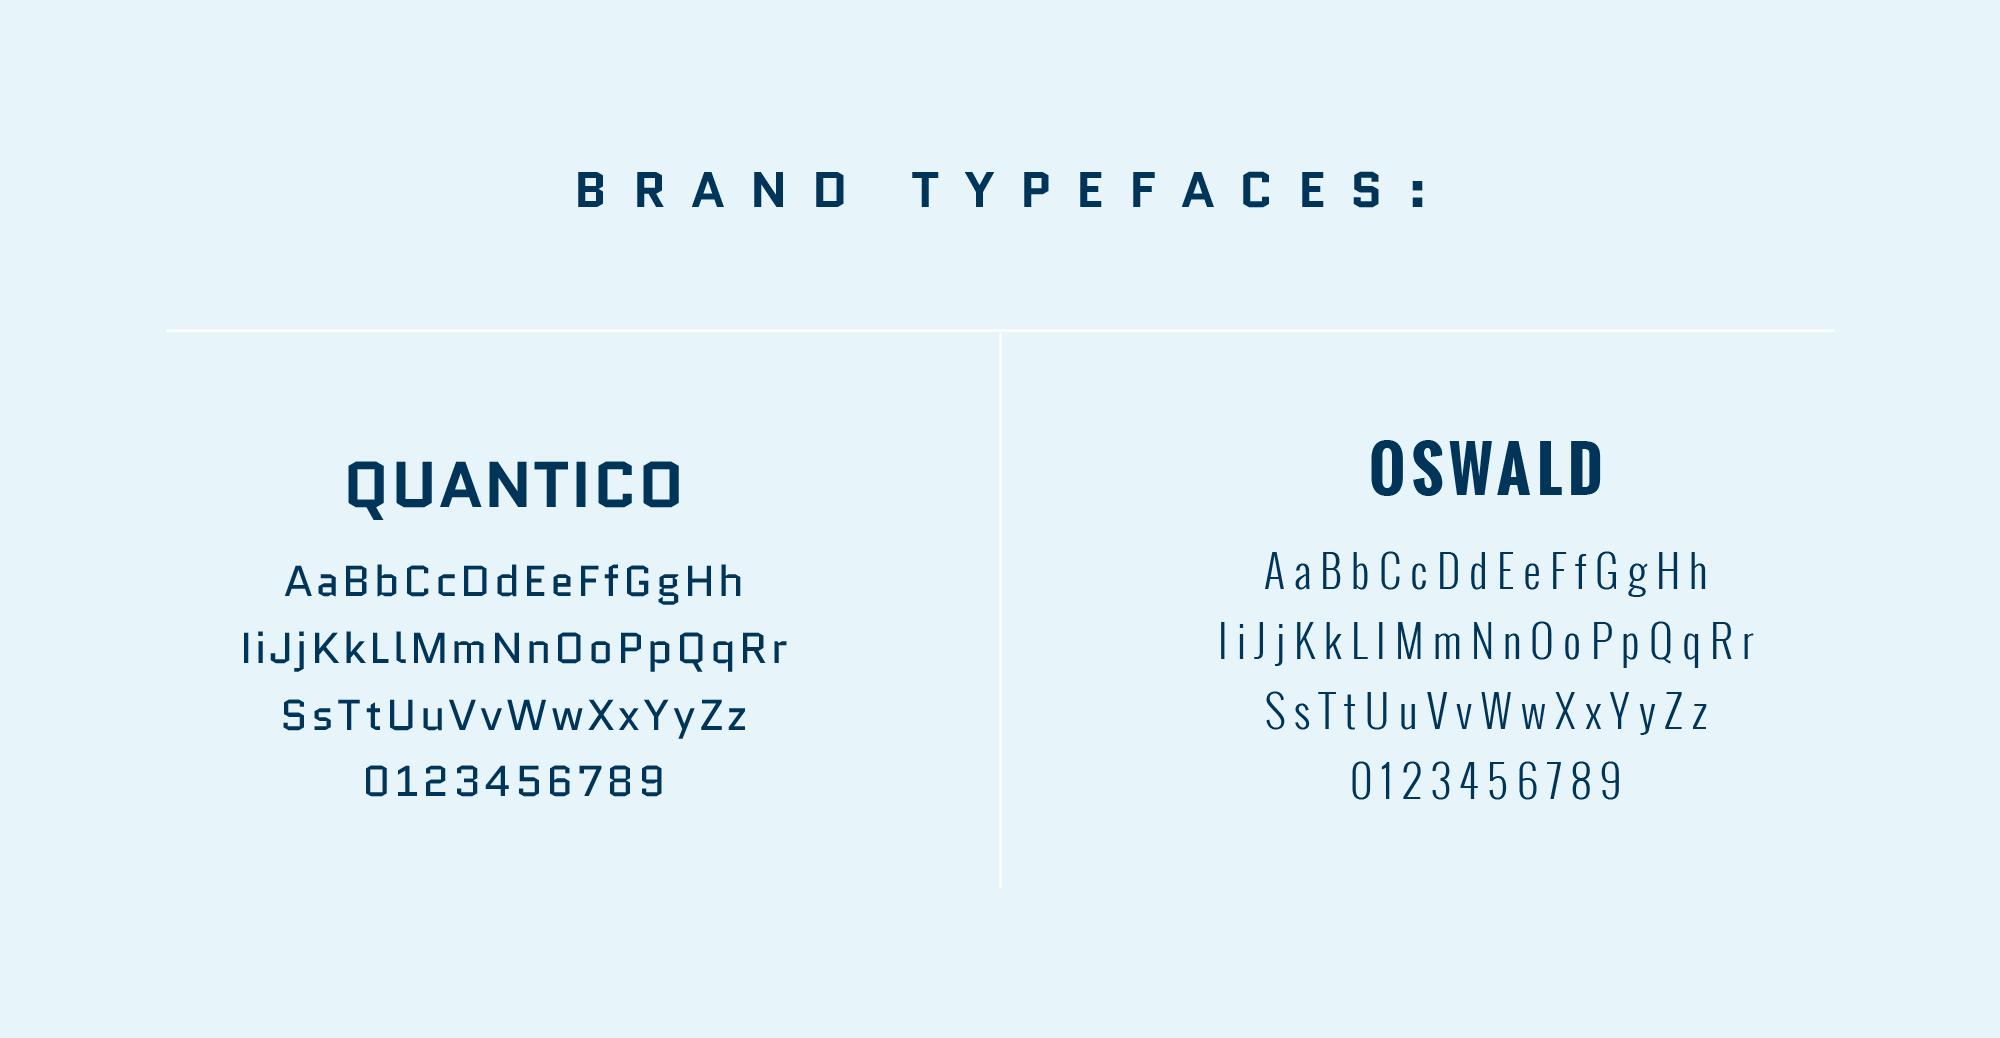 hero-brand-typefaces